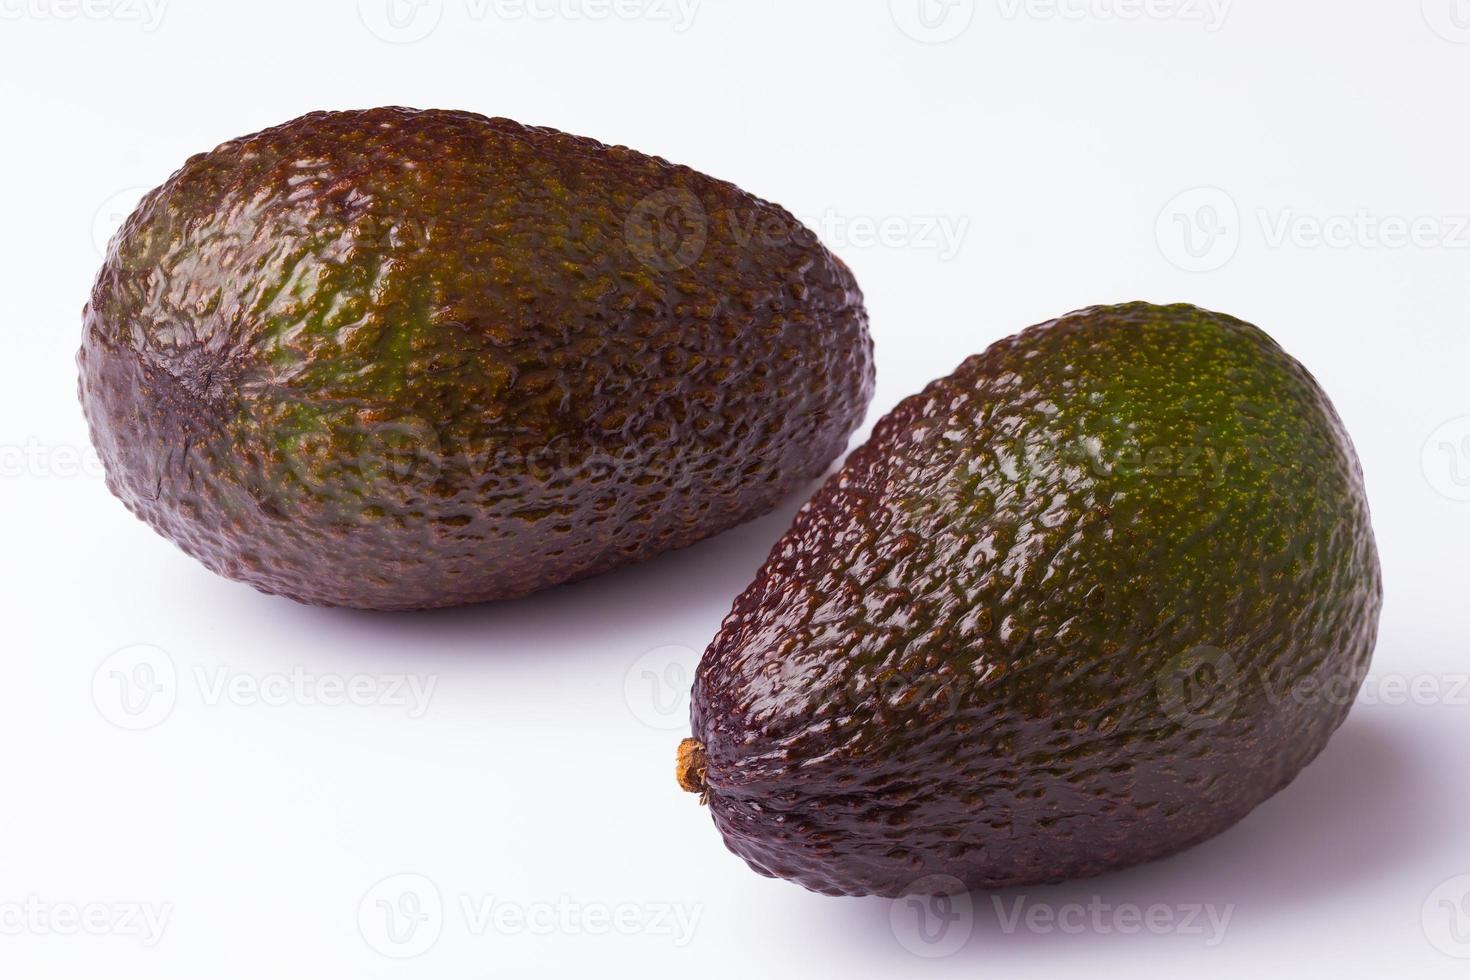 two avocados on white background photo